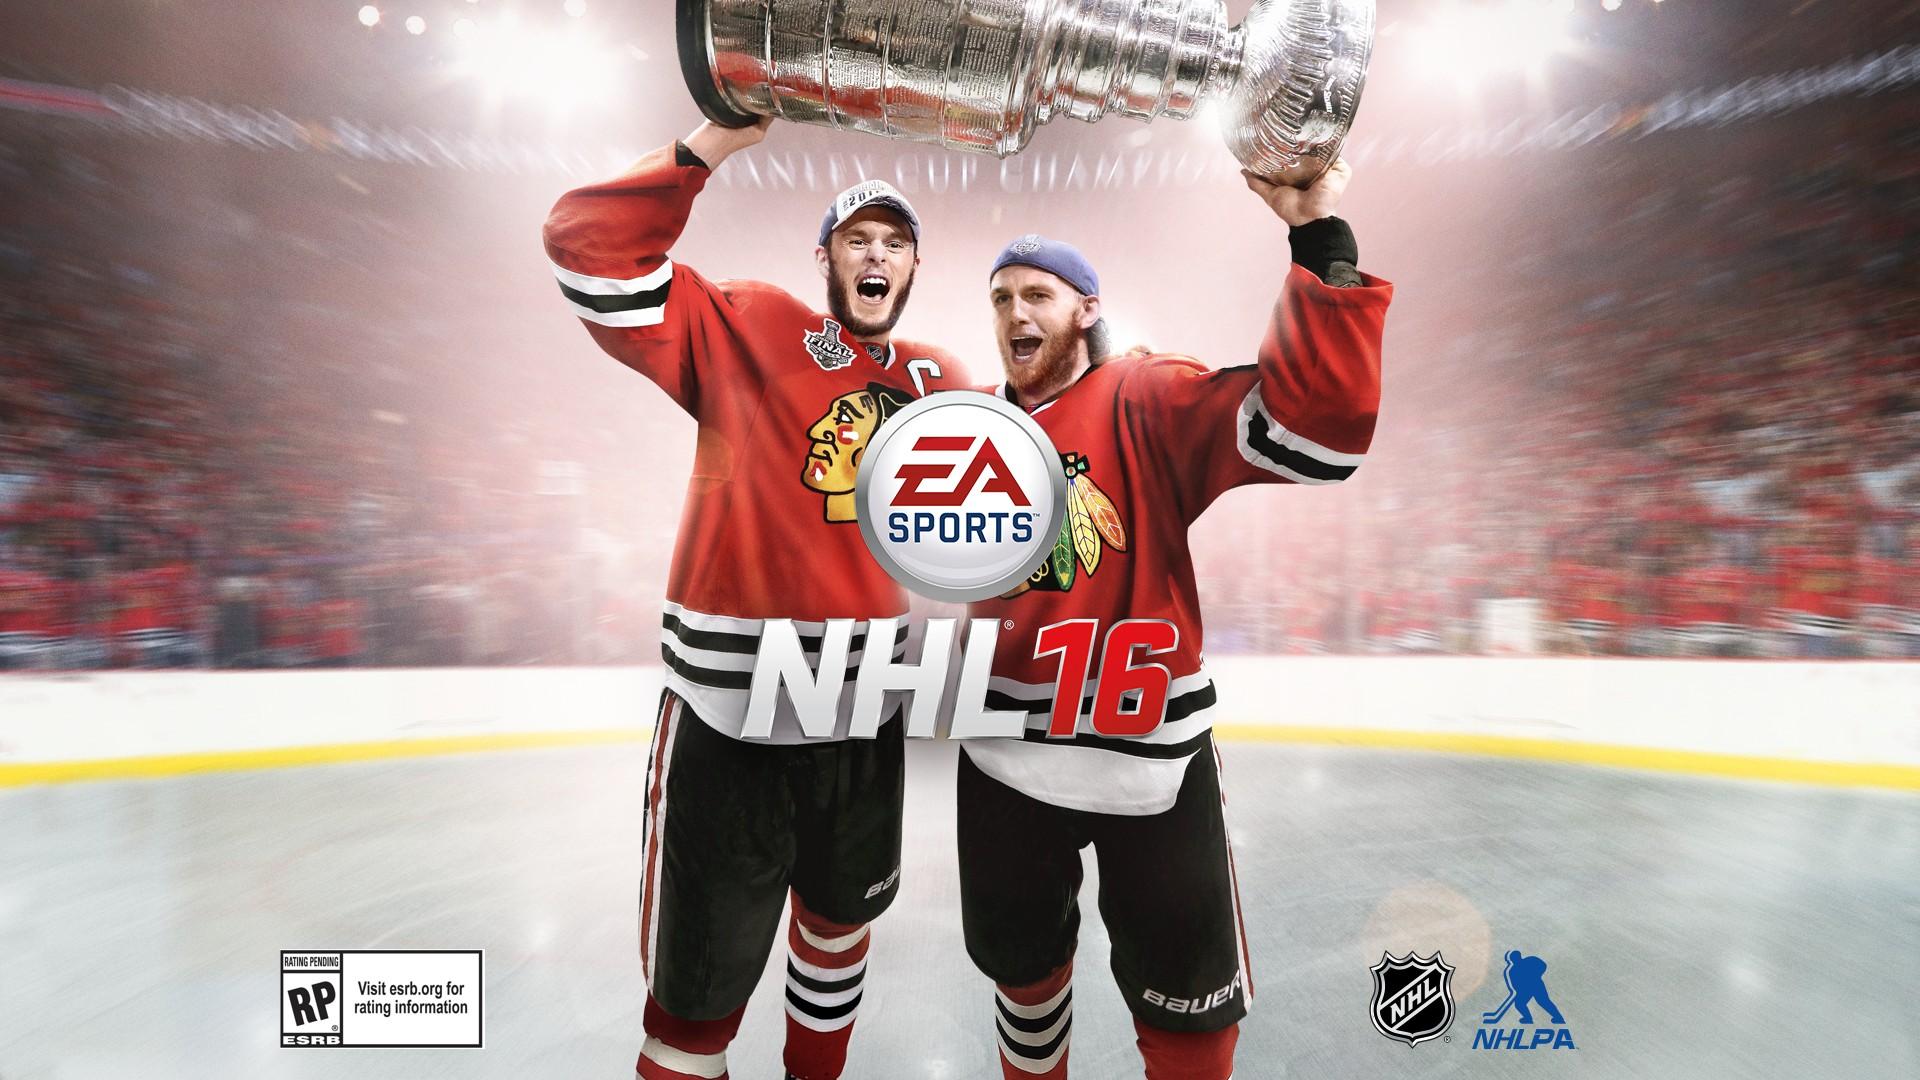 NHL 16 EA